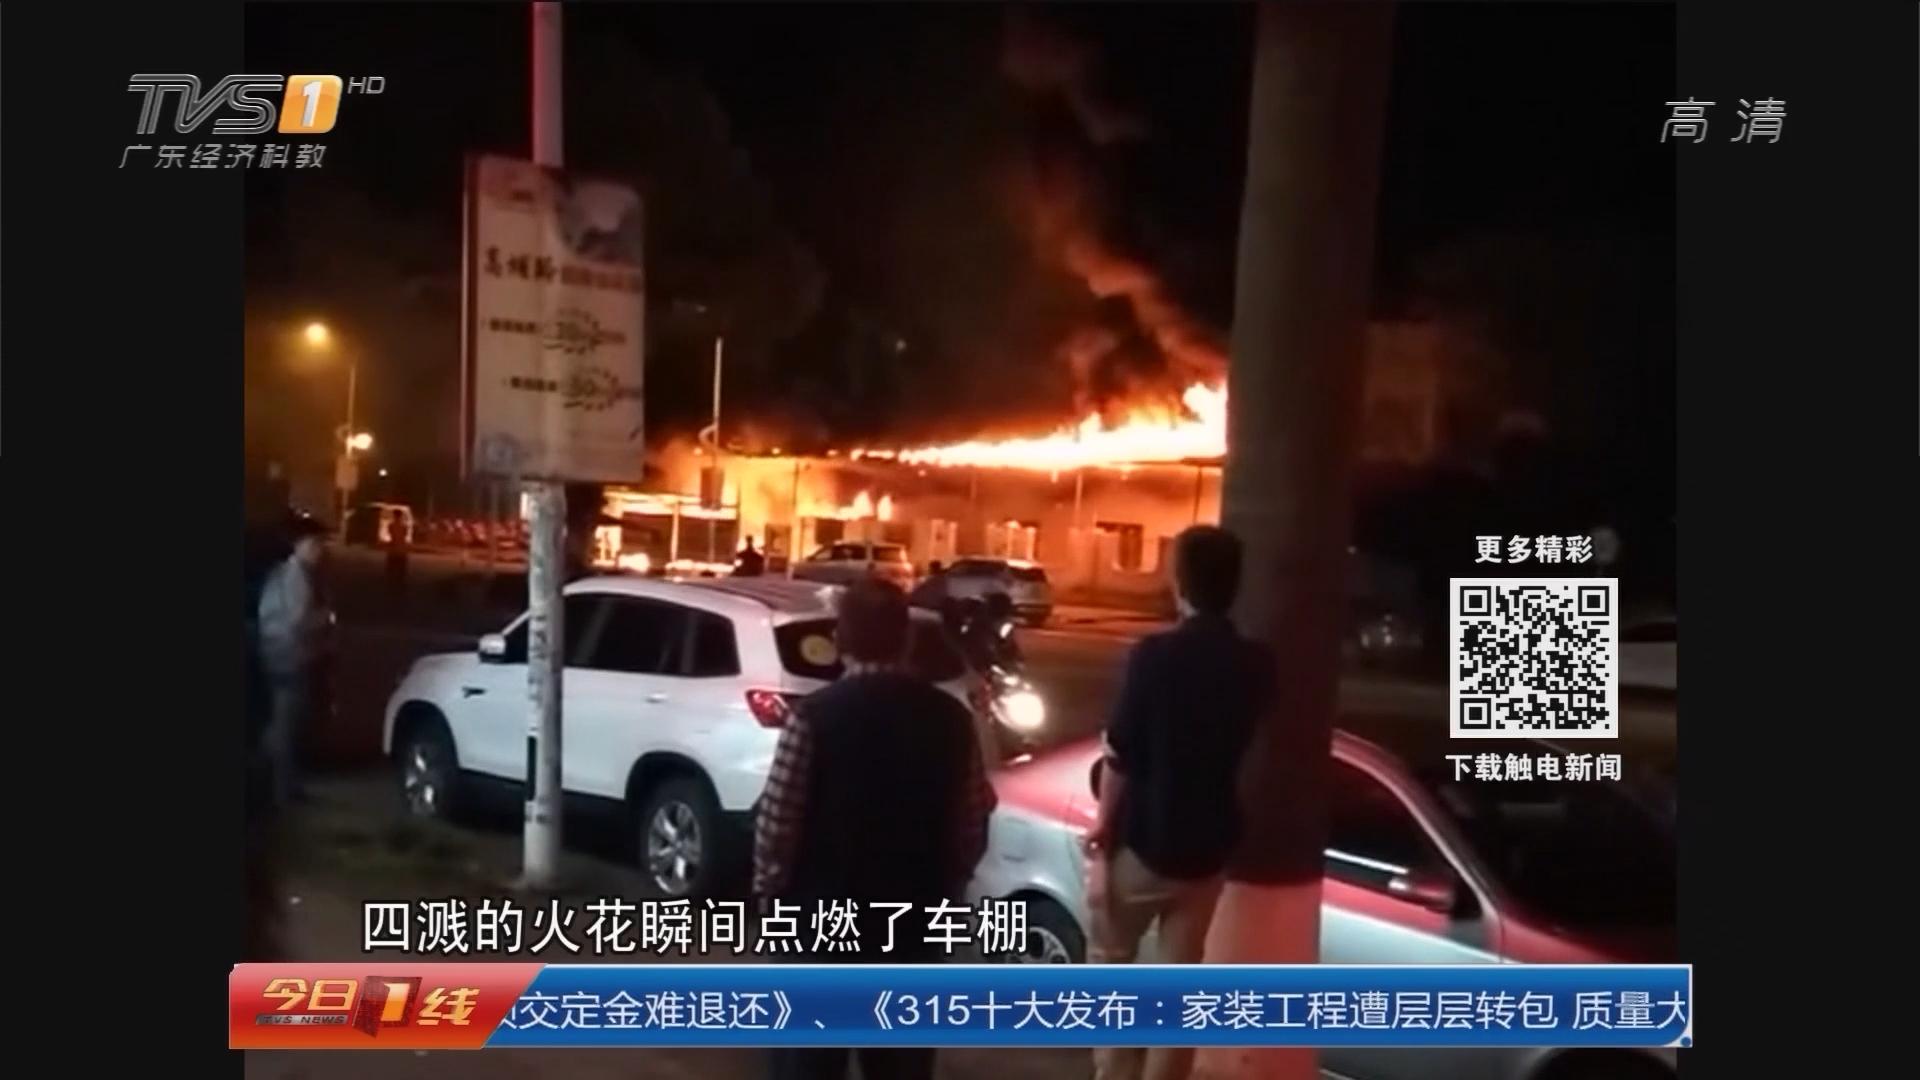 河源高新区:摩托车爆燃 火烧连营36辆摩托被毁